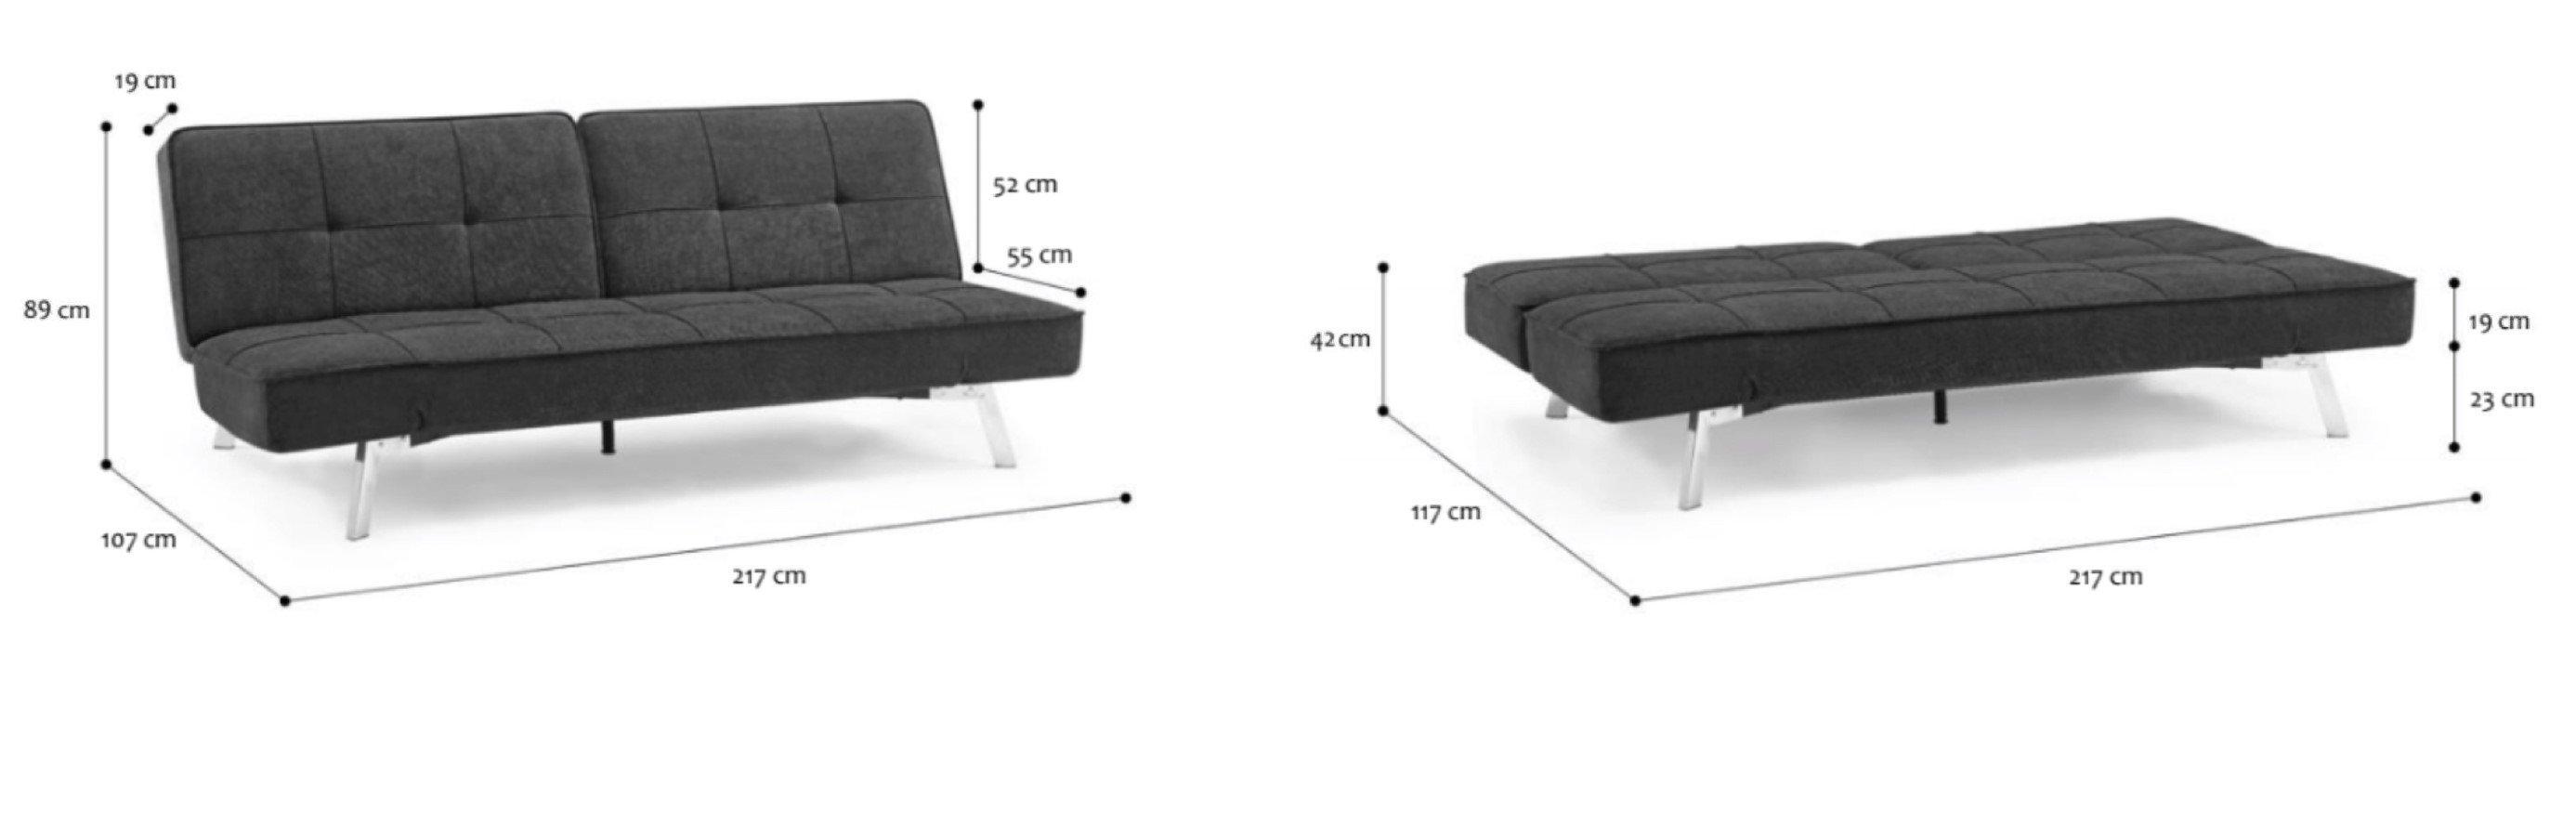 dwa ujęcia na rozkładaną sofę wraz z jej wymiarami – w jednym ujęciu sofa złożona, w drugim rozłożona